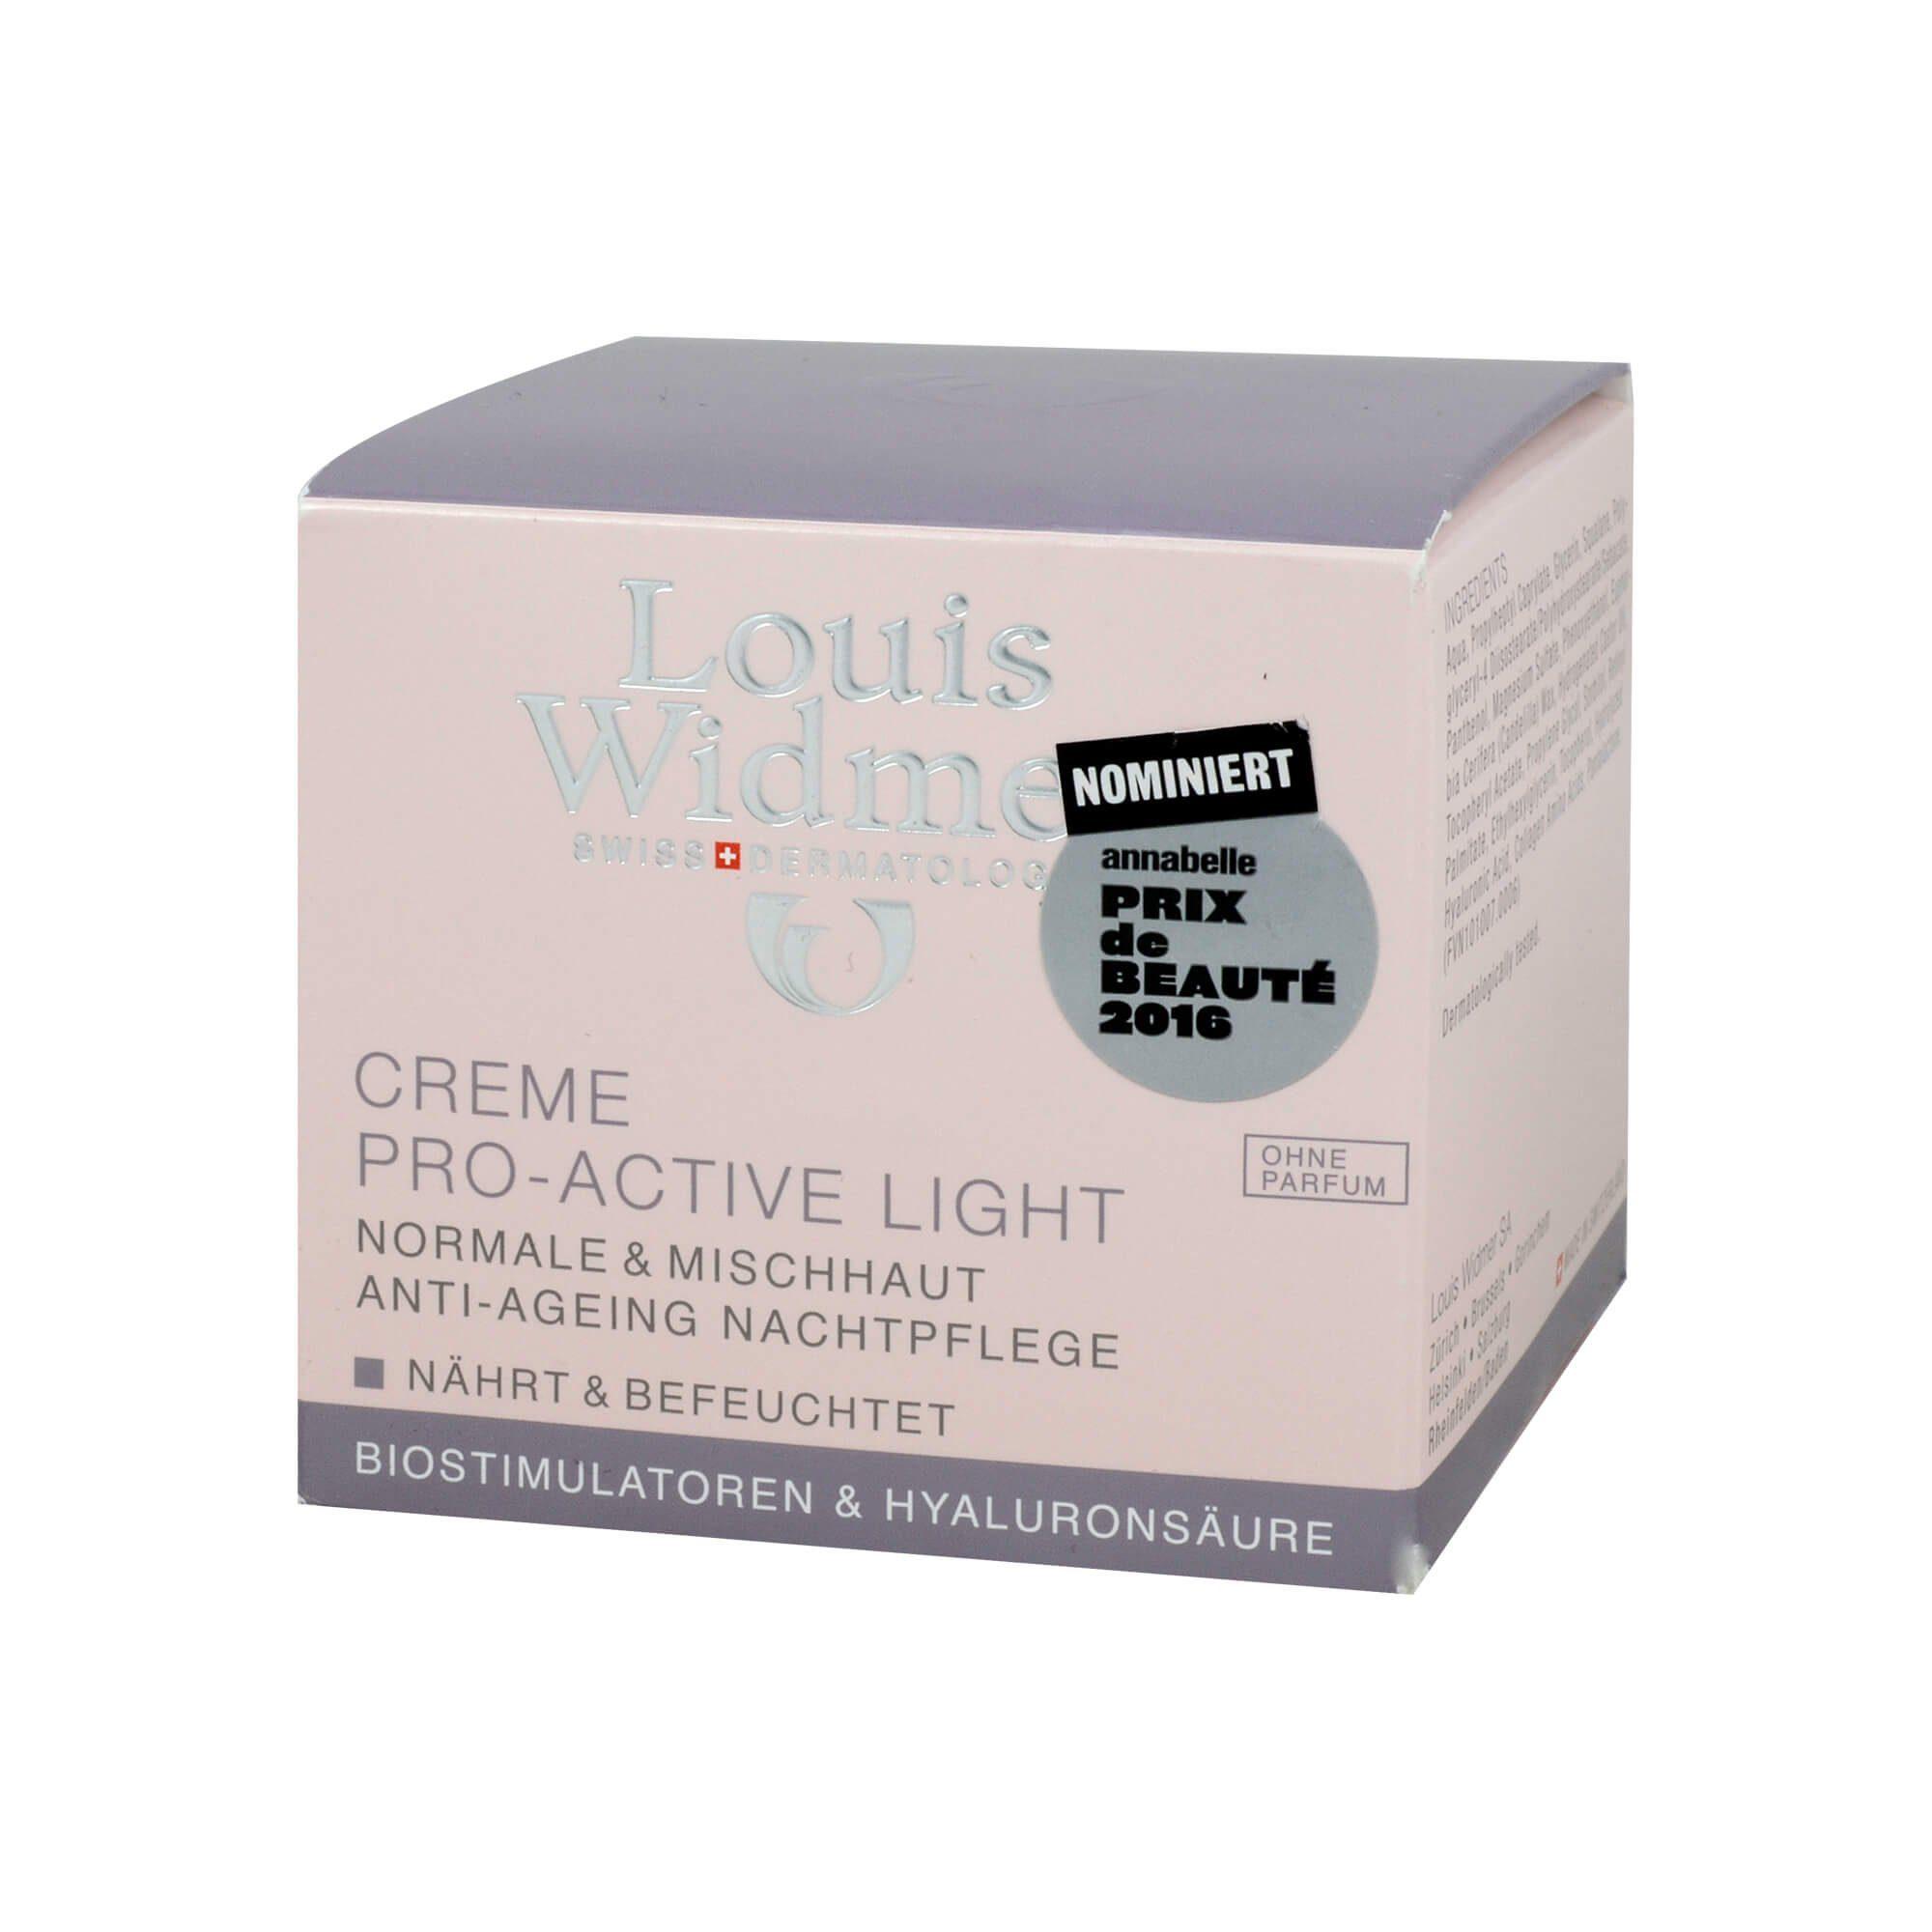 Louis Widmer Creme Pro-Active Light unparfümiert (, 50 ml)